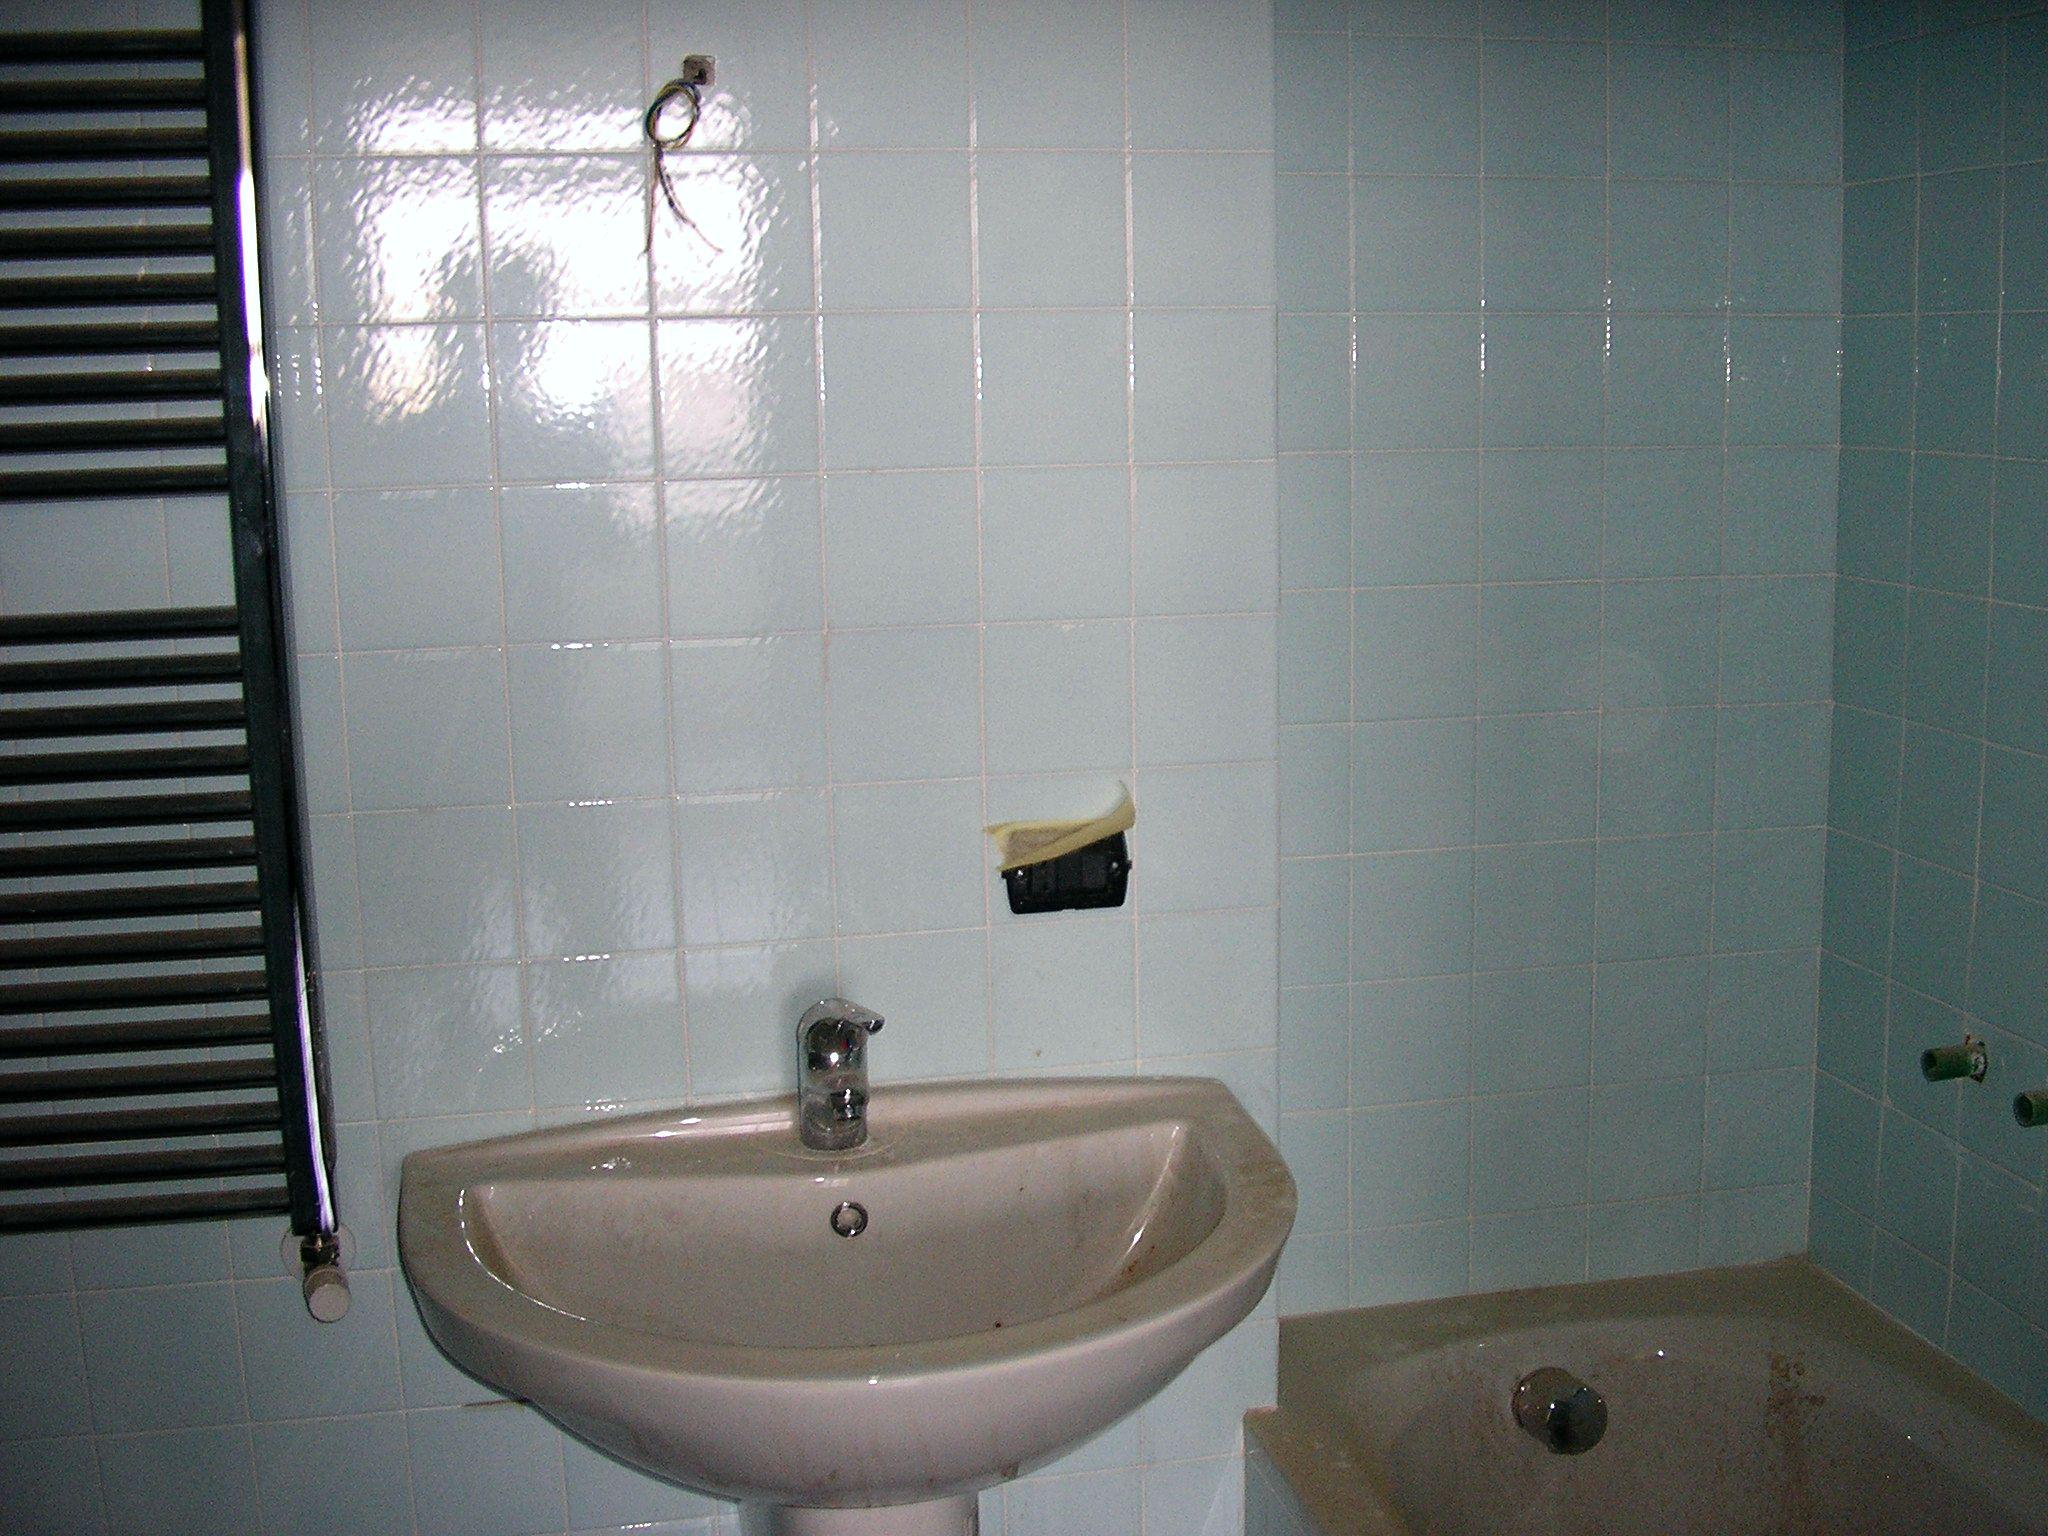 Tutti gli errori di installazione in bagno e doccia - Elettro